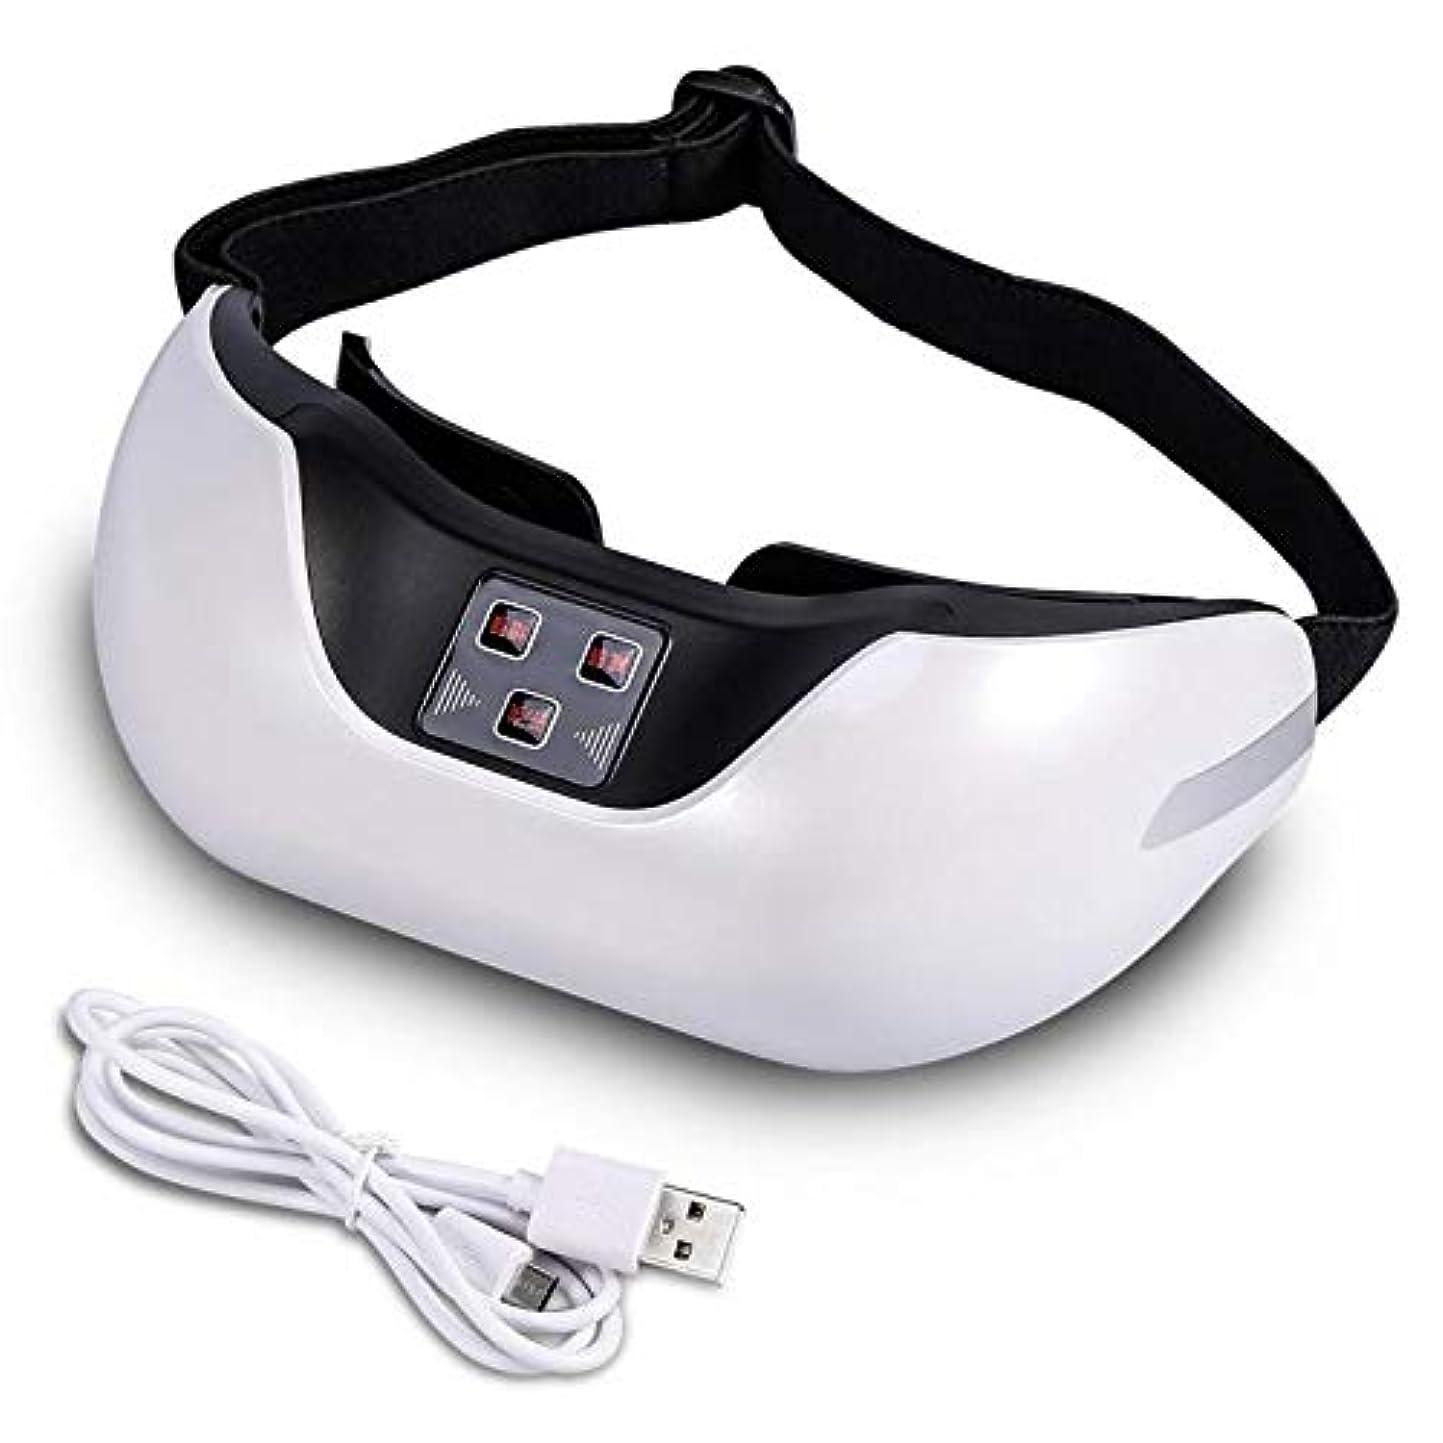 タワー応用教師の日Usb 3d充電式電気緑色光鍼灸マッサージ器、疲労ヘッドストレスリリーフトリートメント、目の保護器具ツール (Color : White)